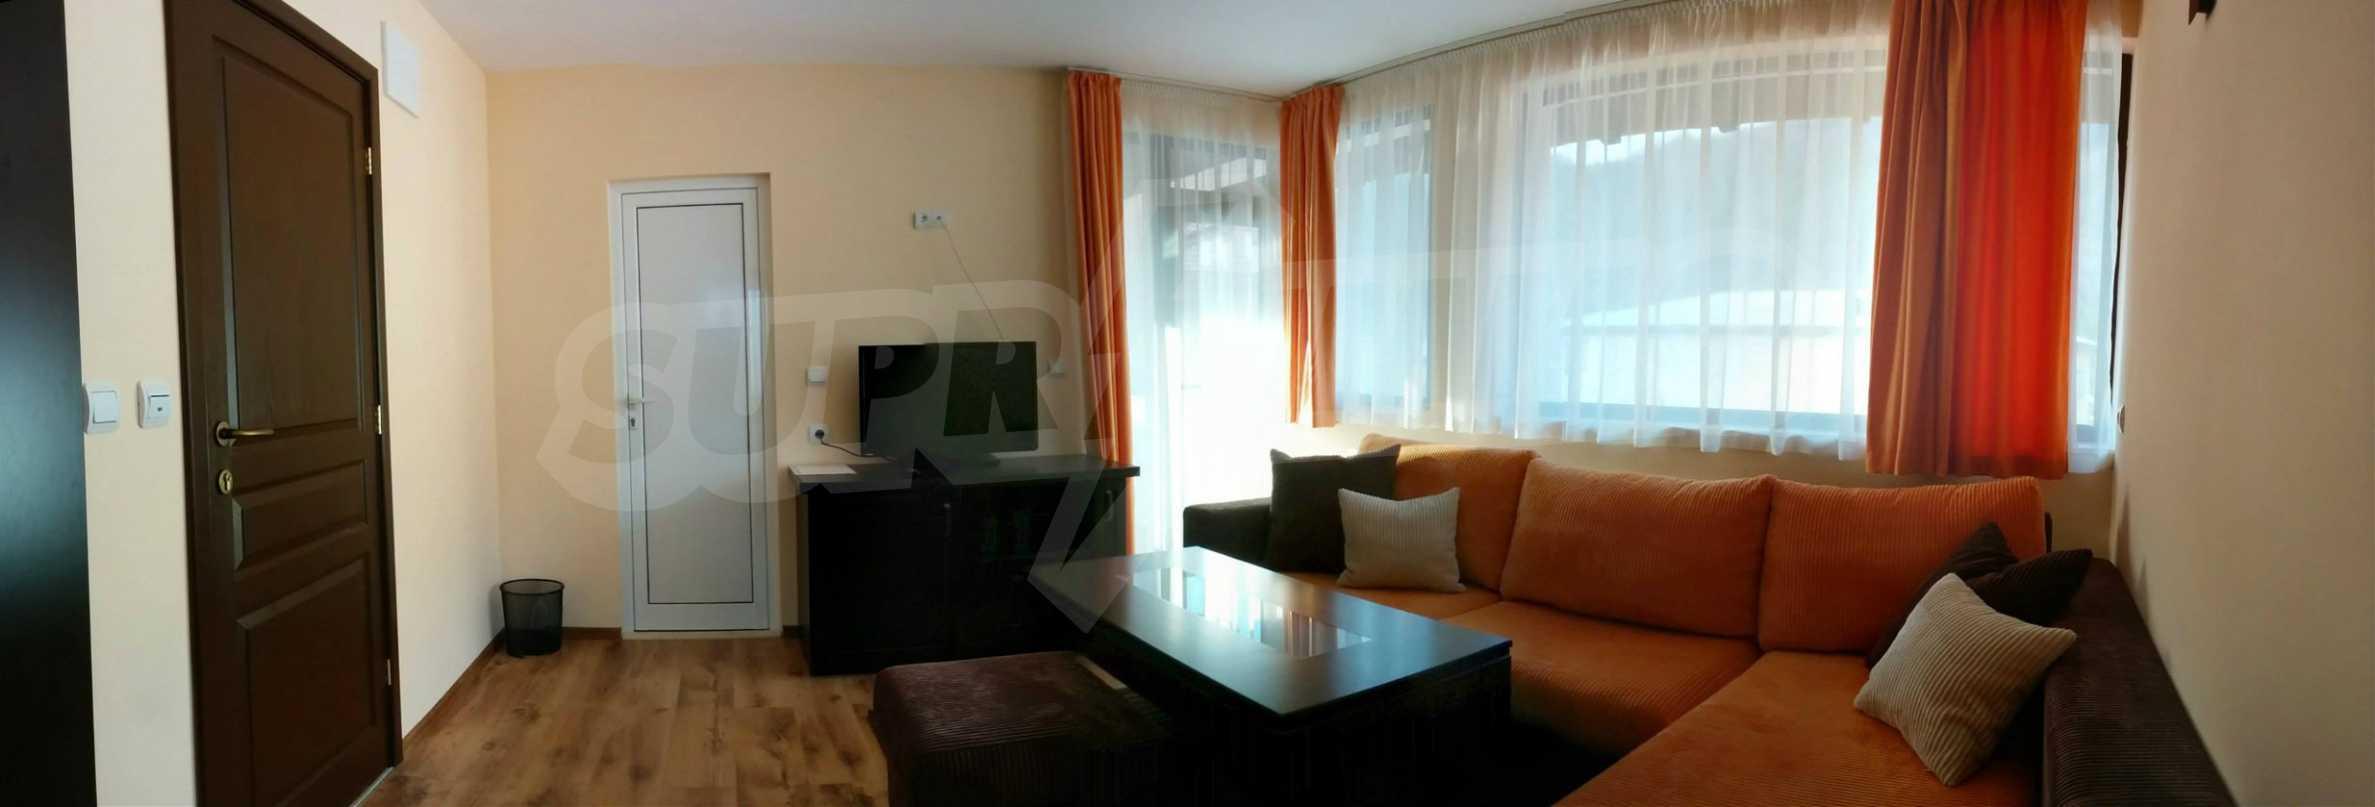 Neu erbautes, komfortabel eingerichtetes Hotel mit Pool im Herzen des Balkangebirges 15